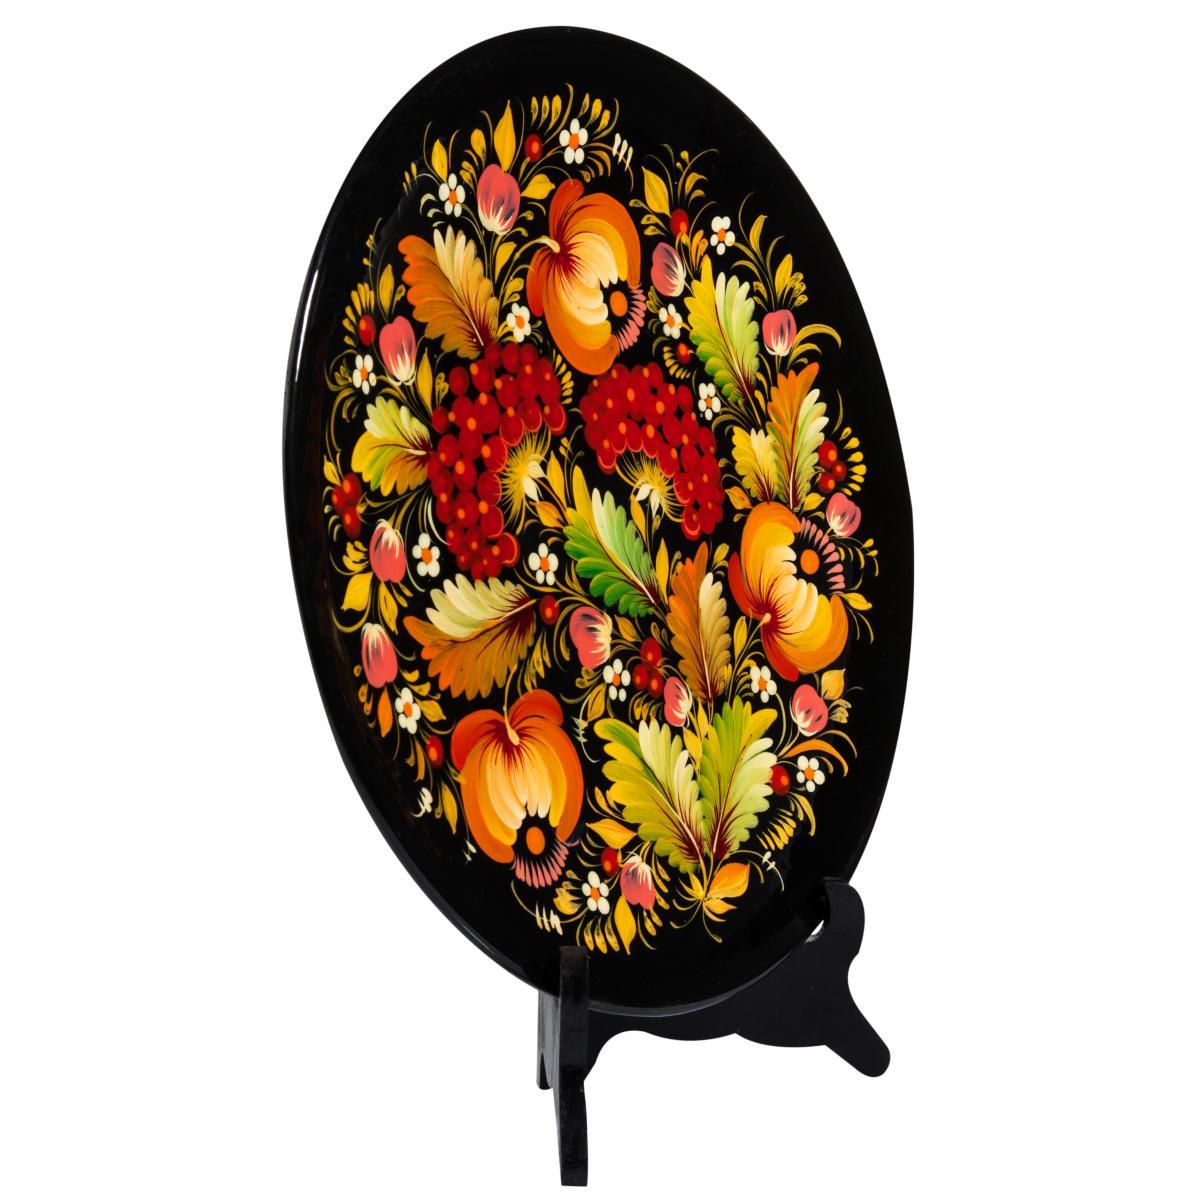 Сувенирная тарелка с узорами Петриковской росписи, 30 см. Фото №2. | Народный дом Украина